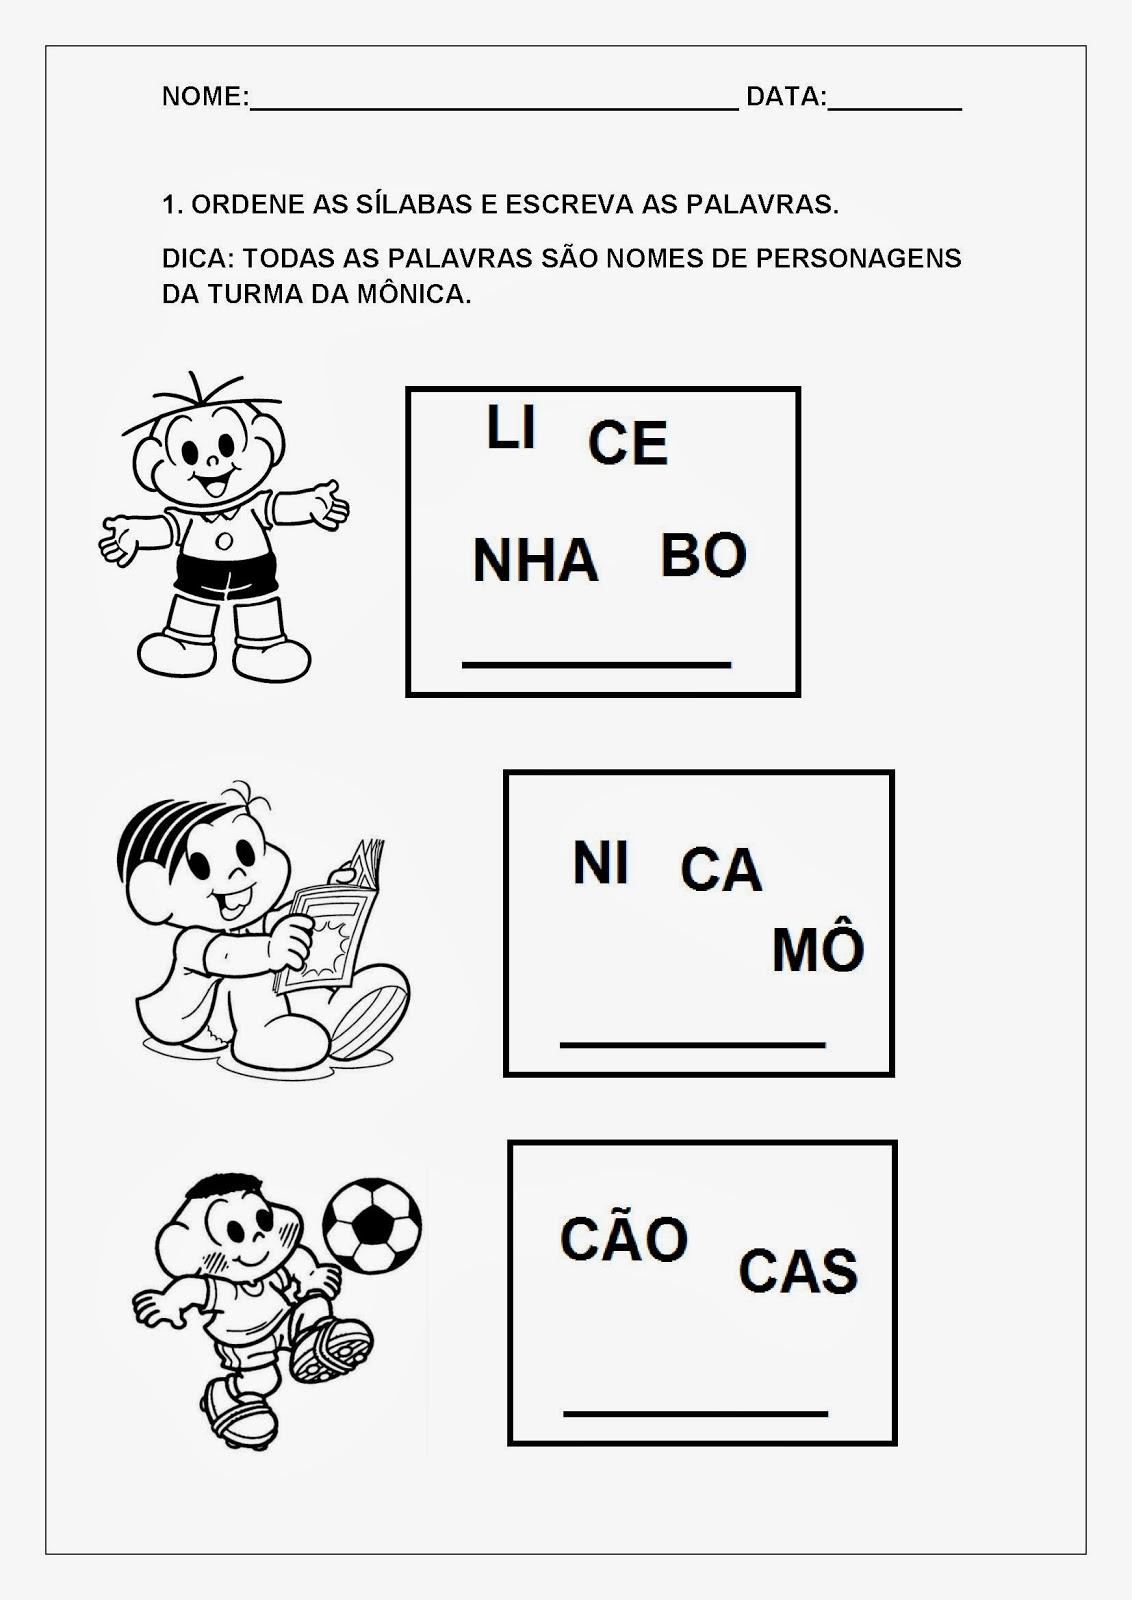 Alfabetizando com a Turma da Mônica - Desembaralhe as sílabas e descubra o nome dos personagens.